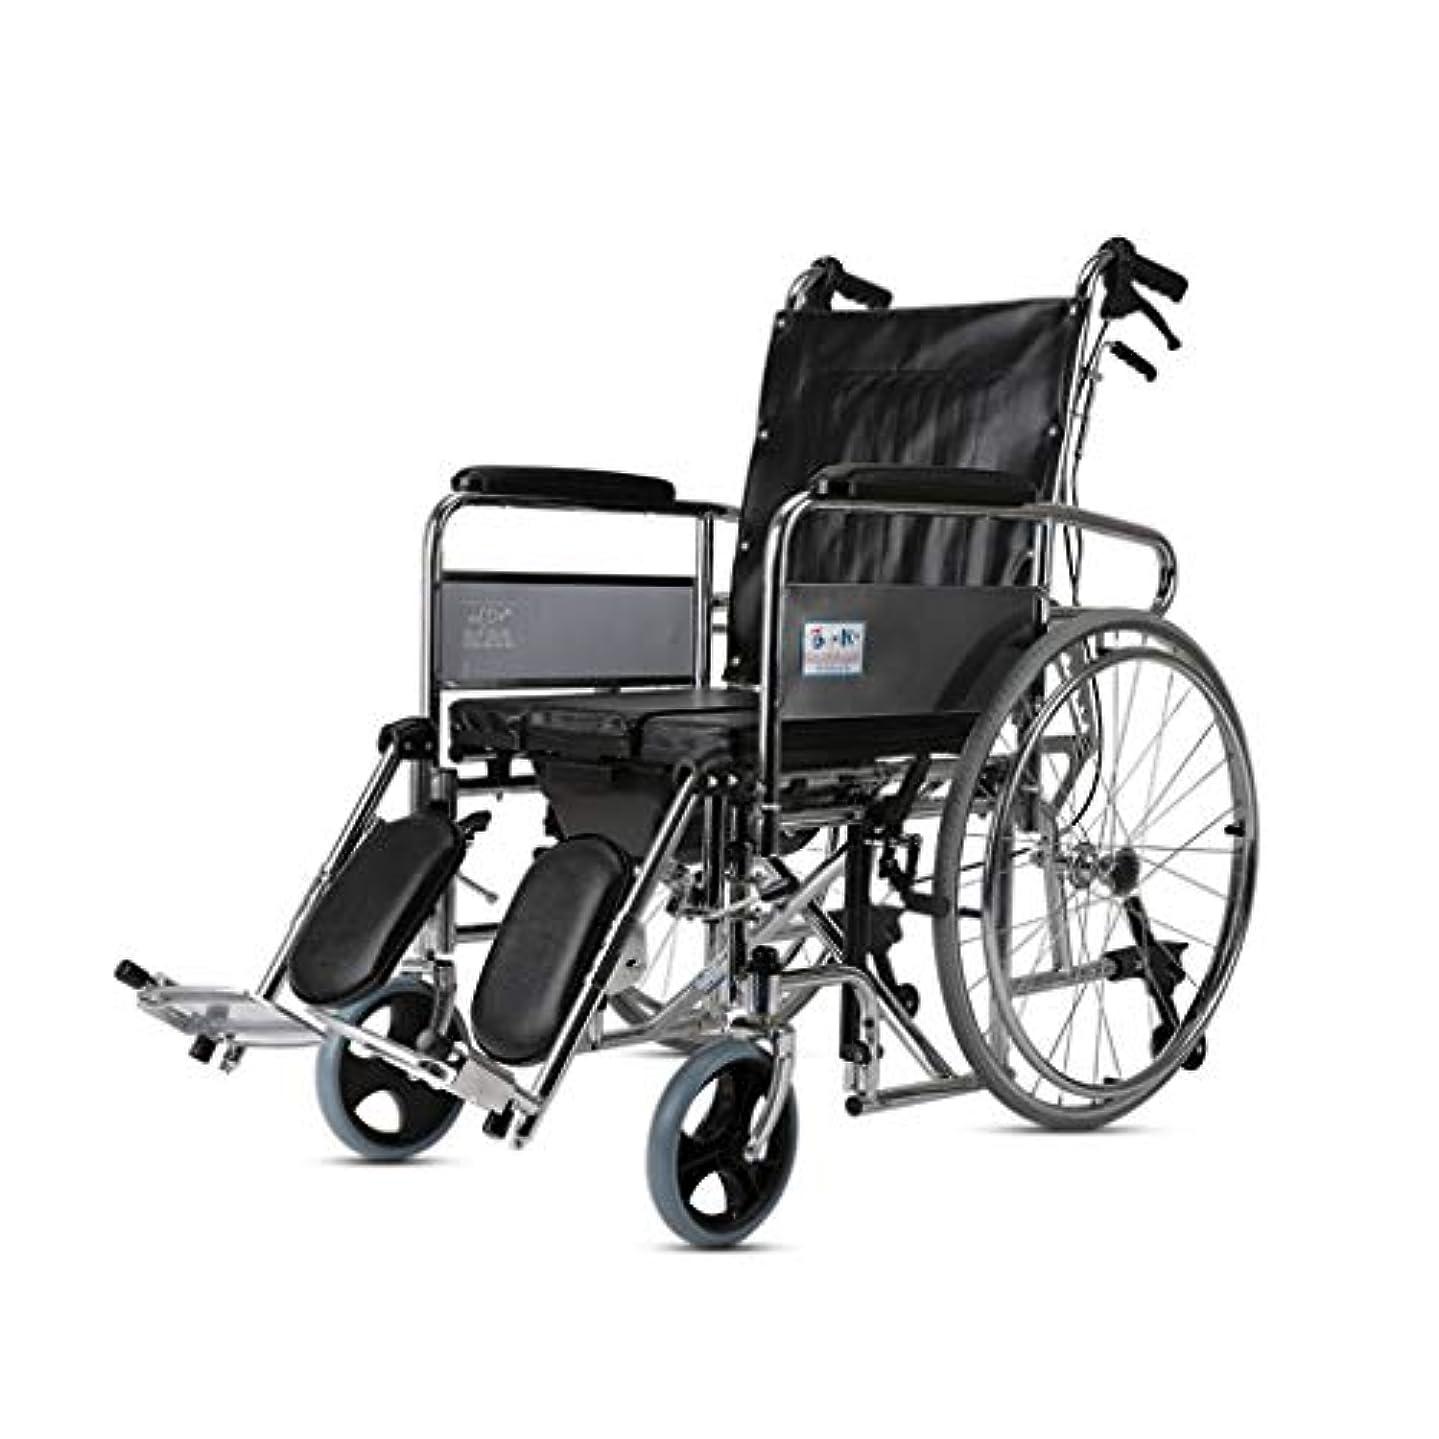 教師の日ヘリコプター金貸し折り畳み式車椅子超軽量ポータブル多機能ハンドプッシュ車椅子高齢者と障害者のために人間工学に基づいた